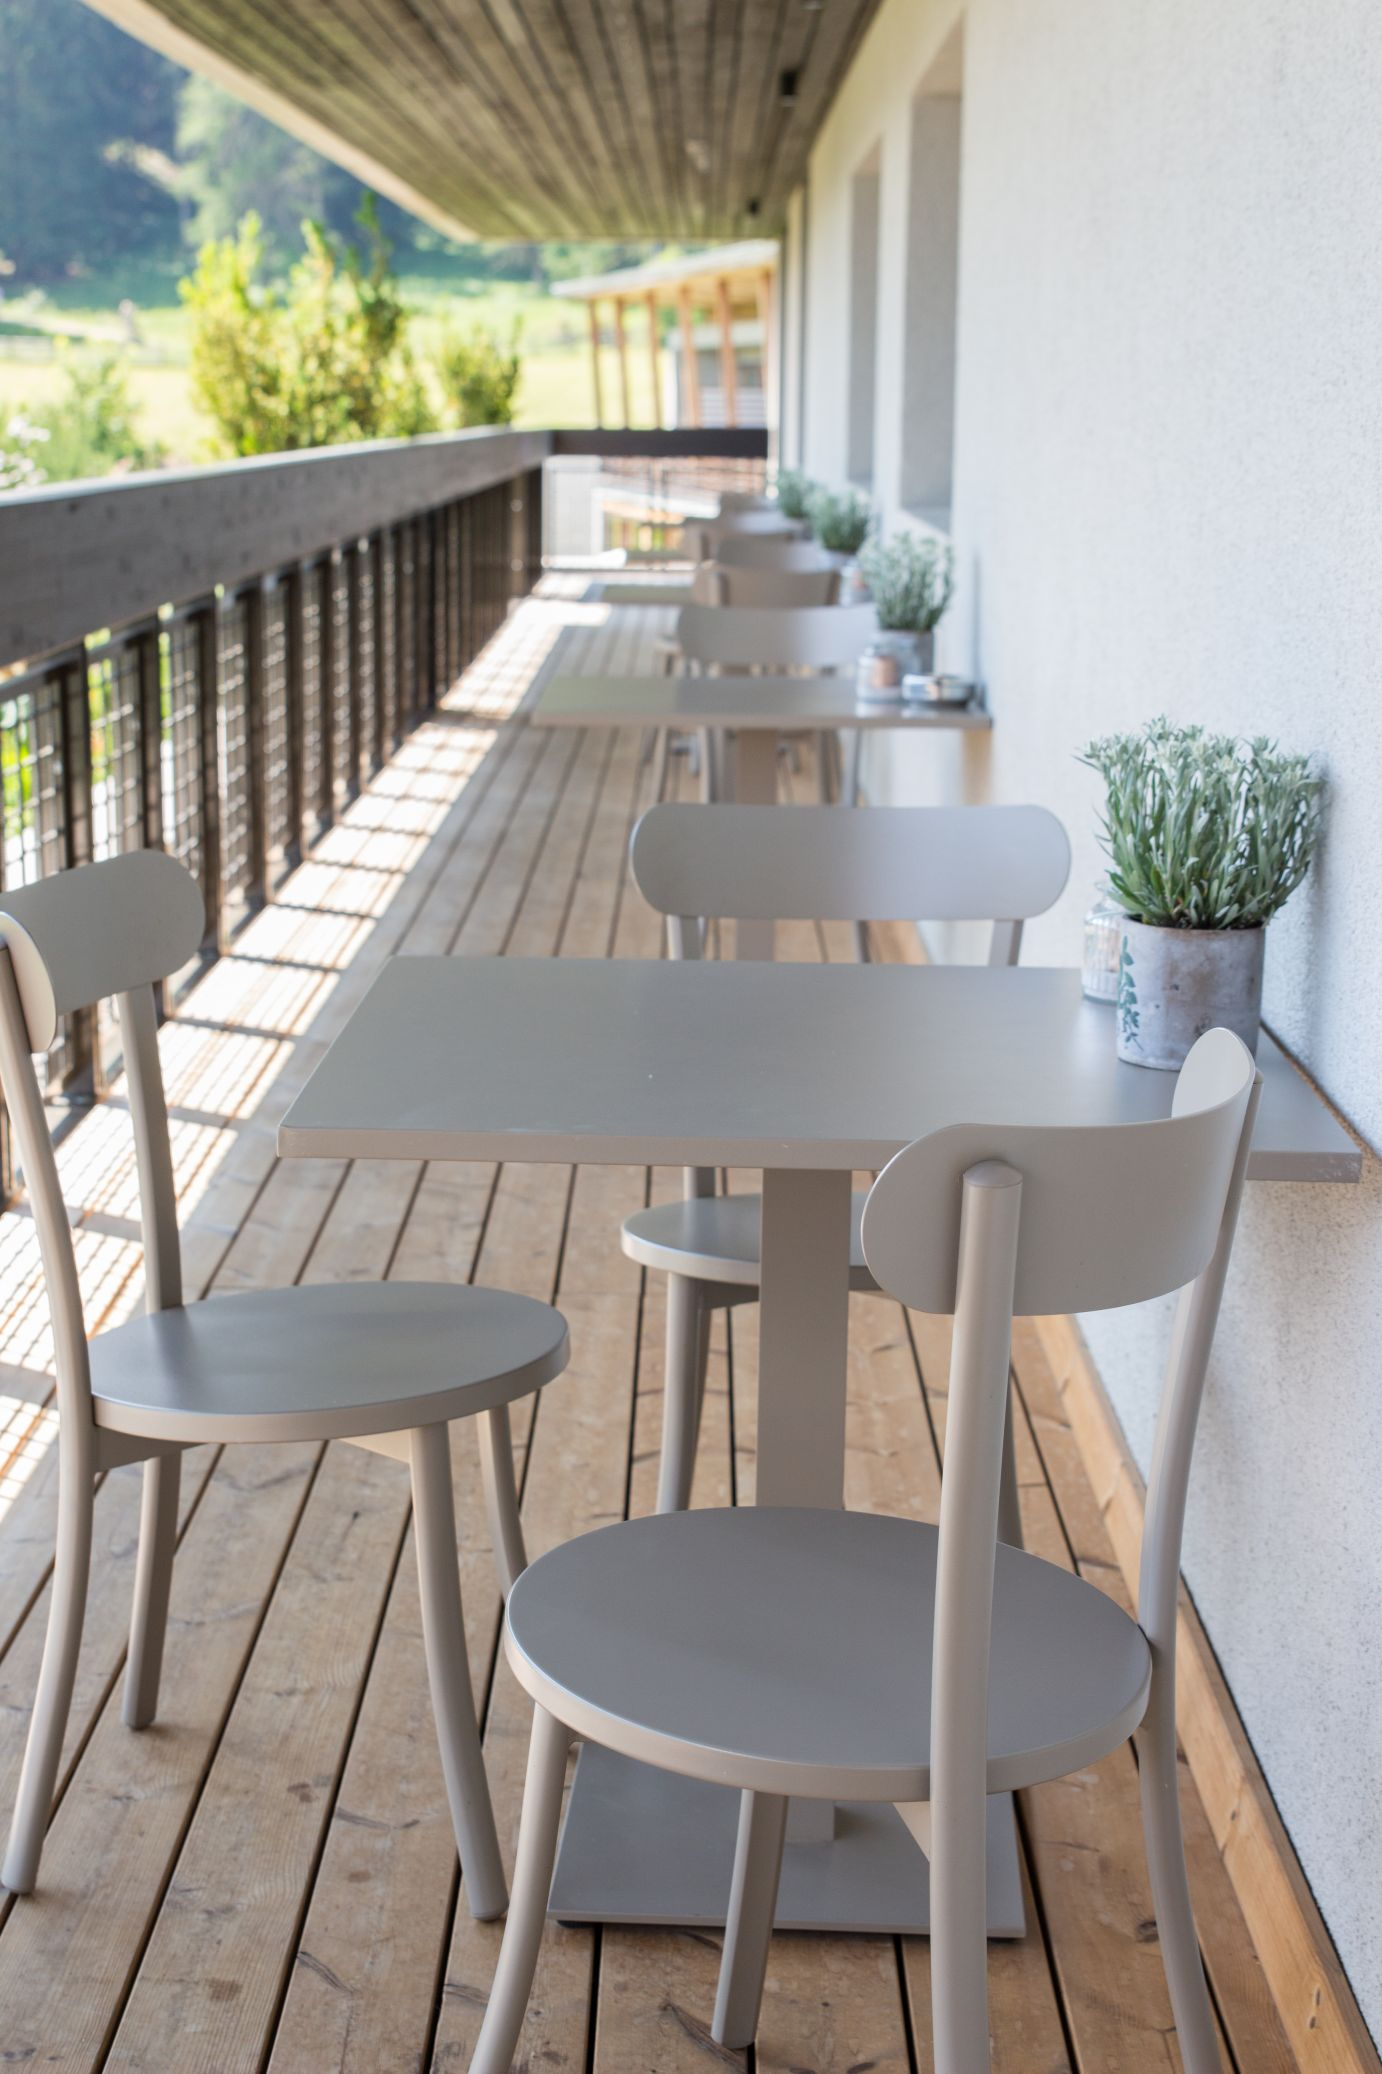 Frühstück Restaurant Terrasse Hotel Pfösl Schätze aus meiner Küche